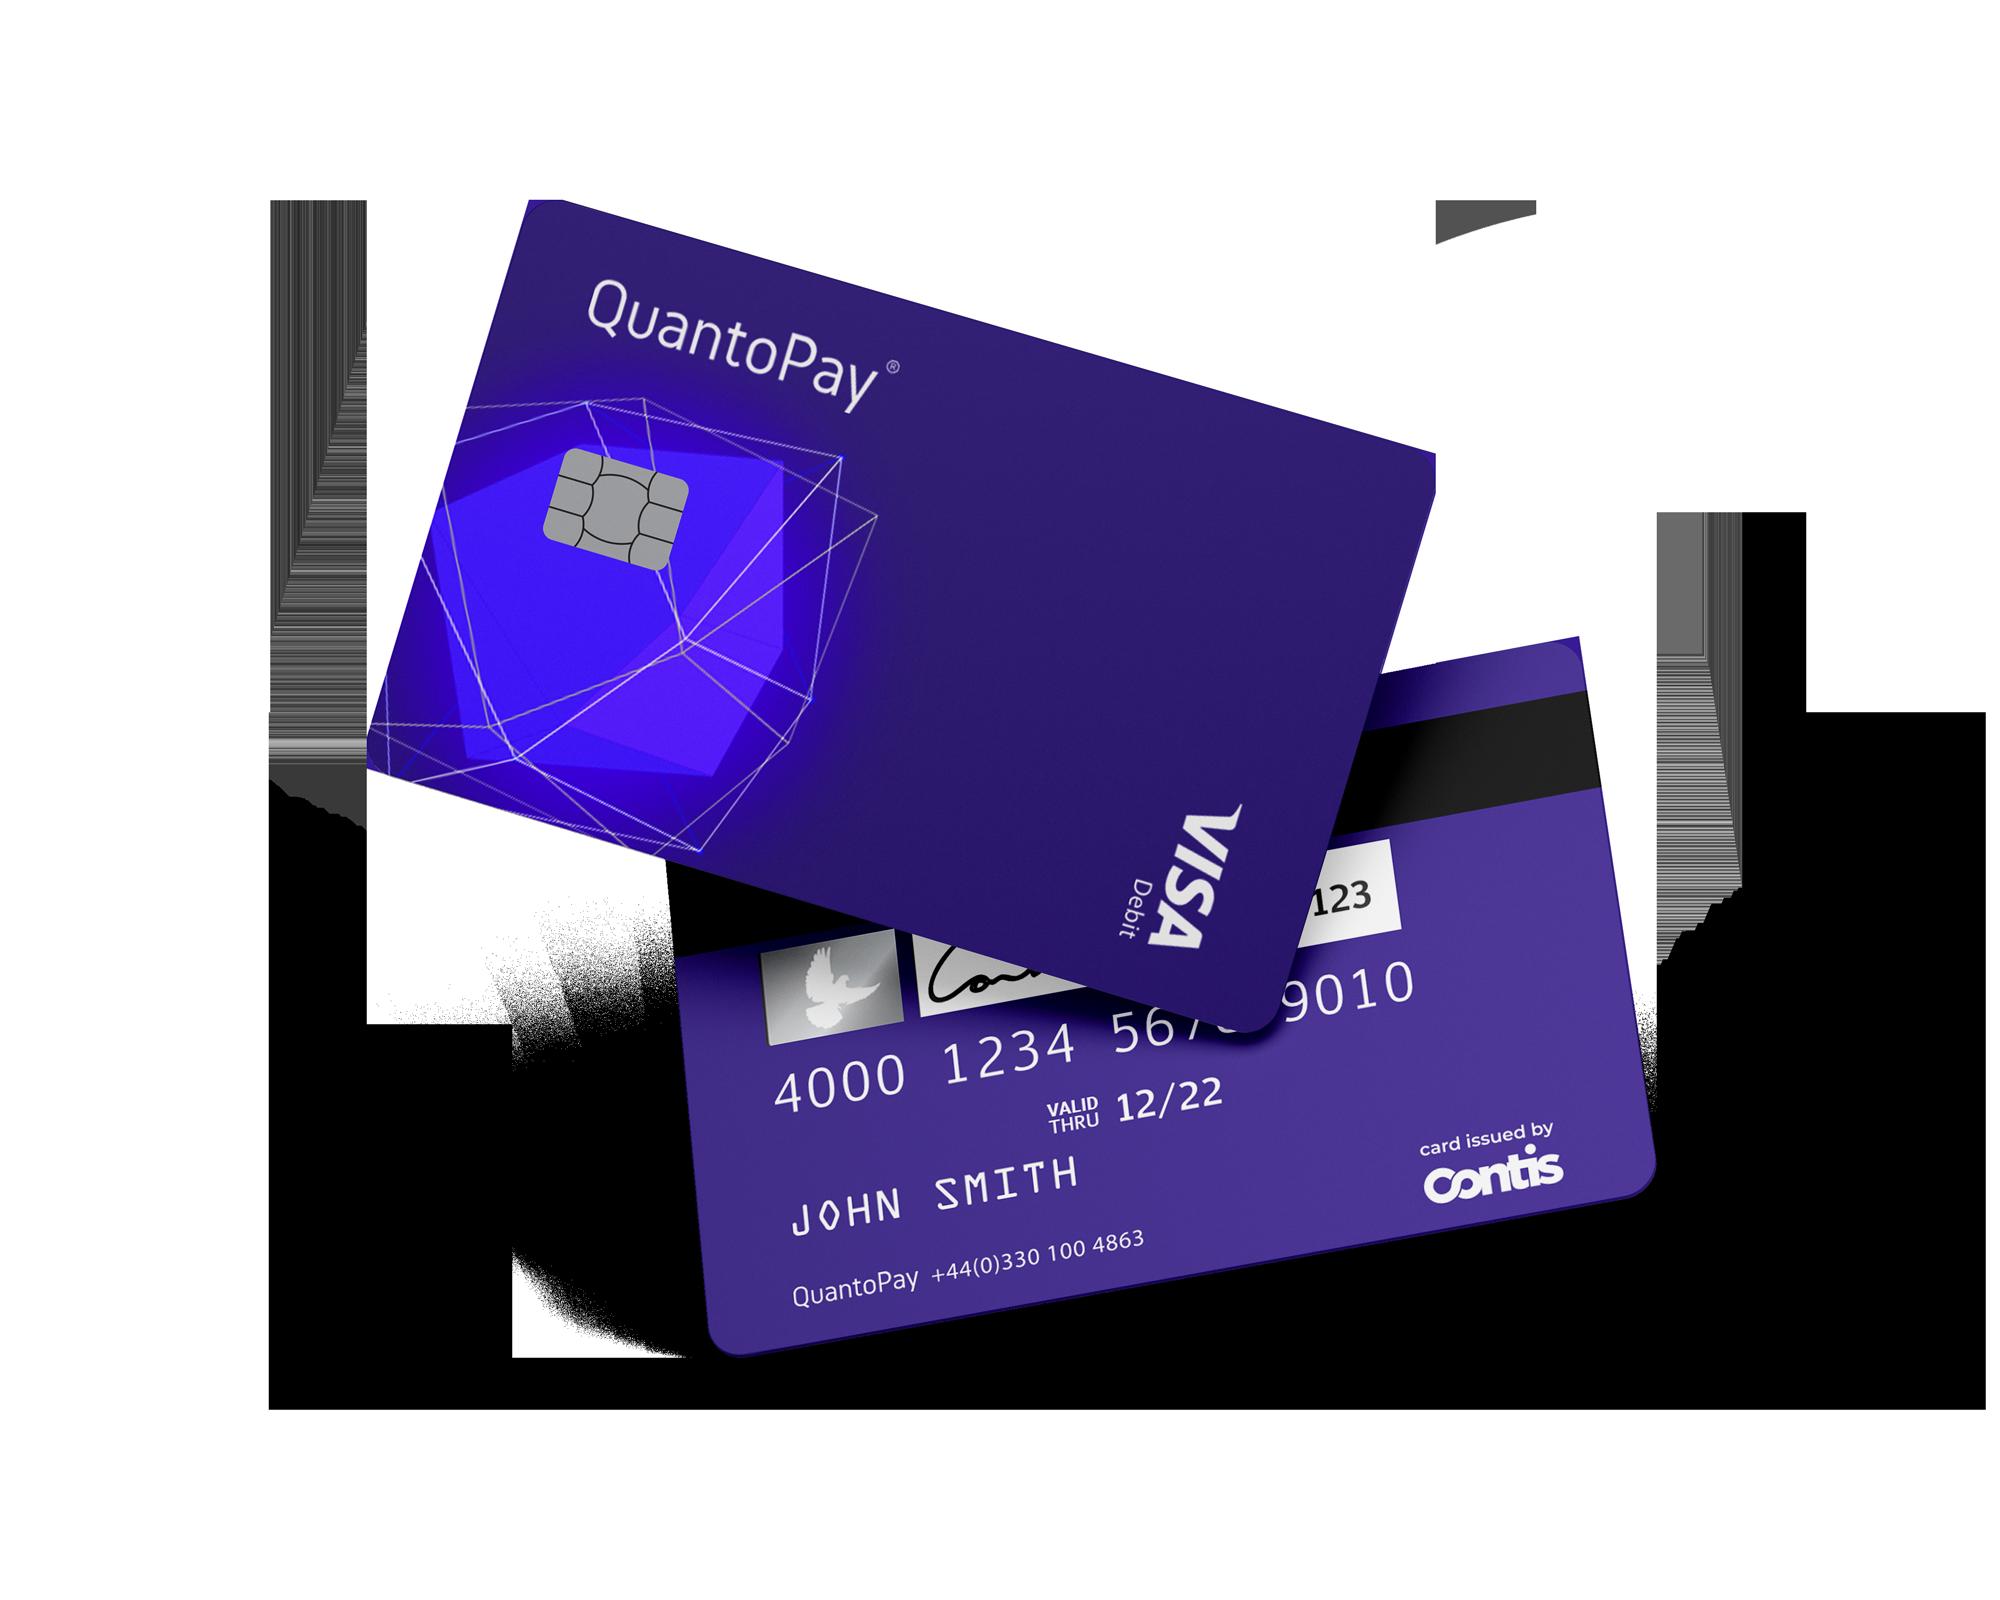 QuantoPay Visa card